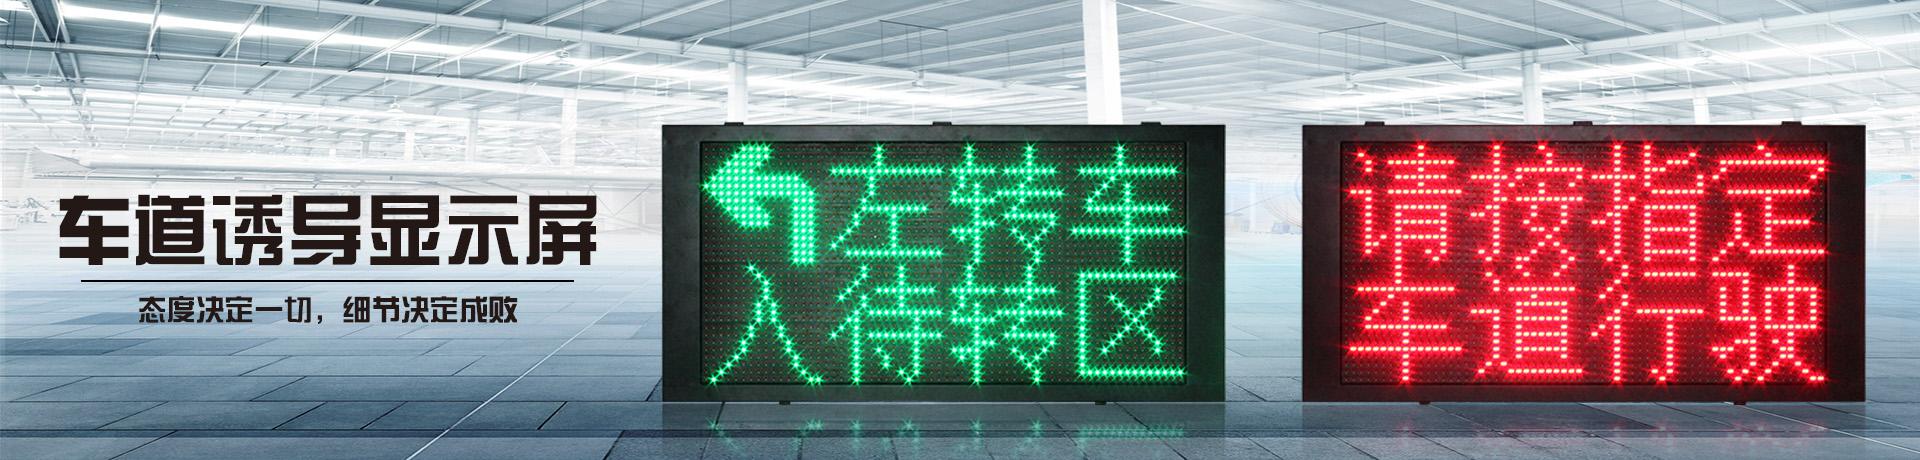 交通诱导屏的案例